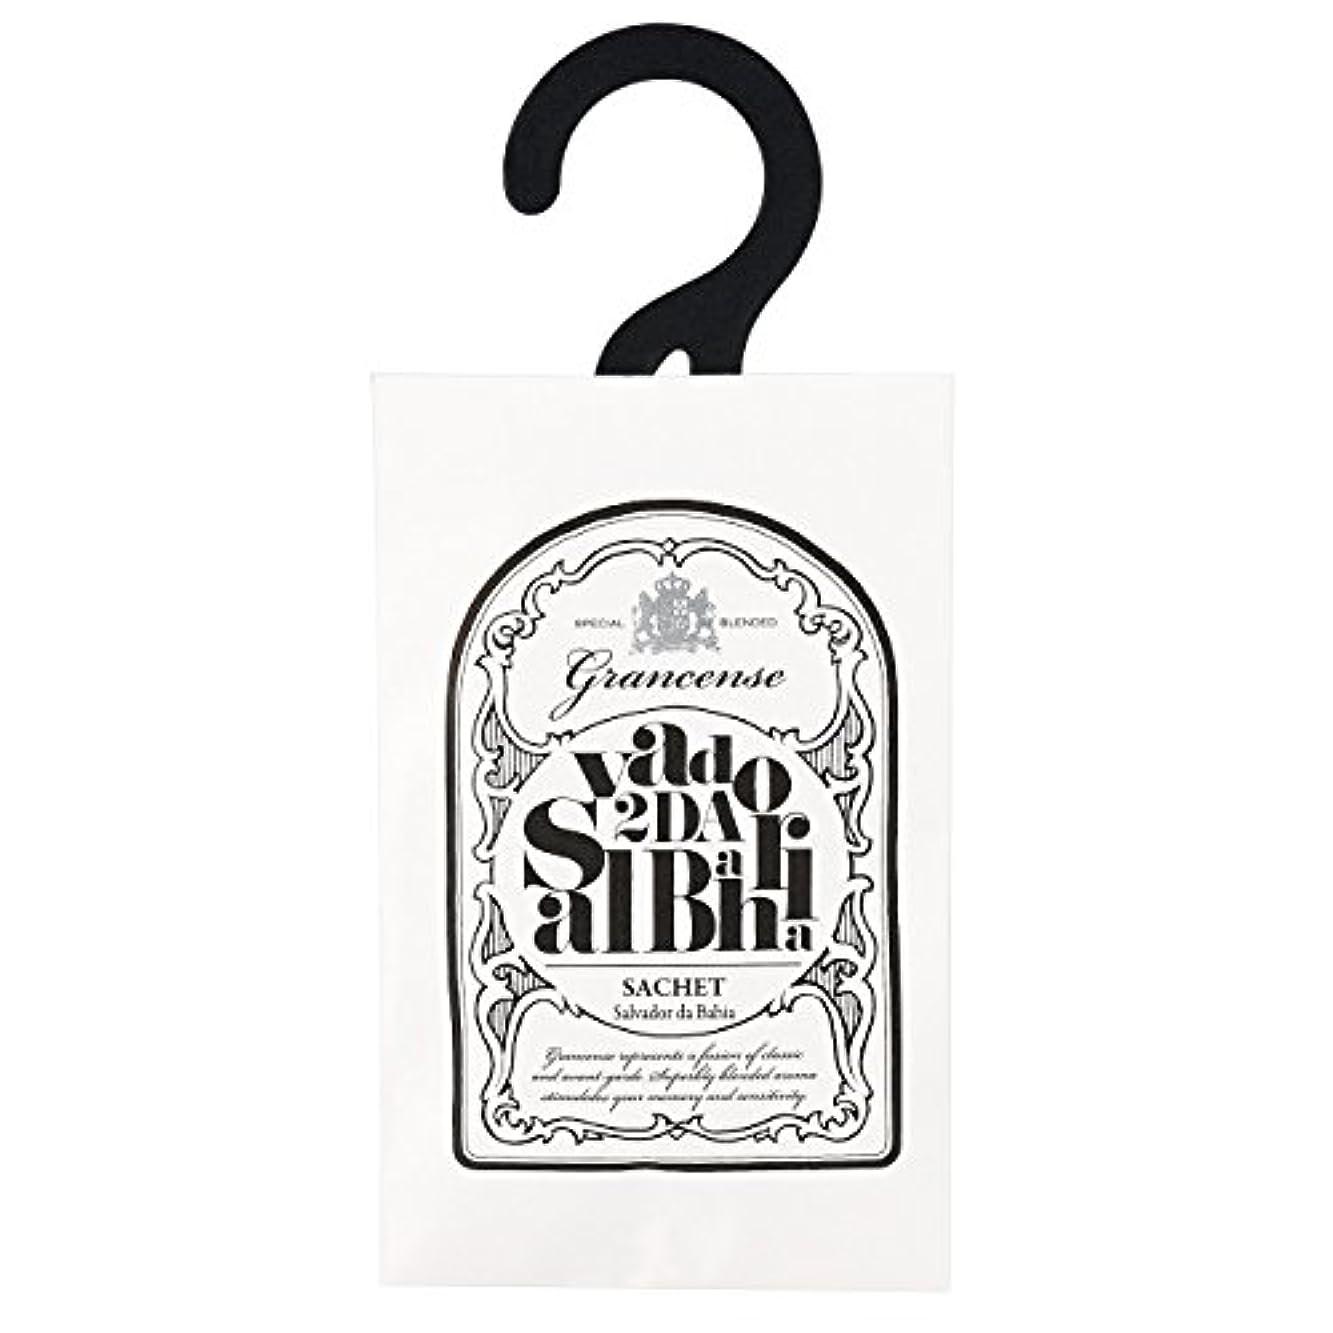 ゲスト実行する商業のグランセンス サシェ(約2~4週間) サルバドール 12g(芳香剤 香り袋 アロマサシェ ライムとミントの爽やかさにバニラの甘さを感じる南国のような香り)